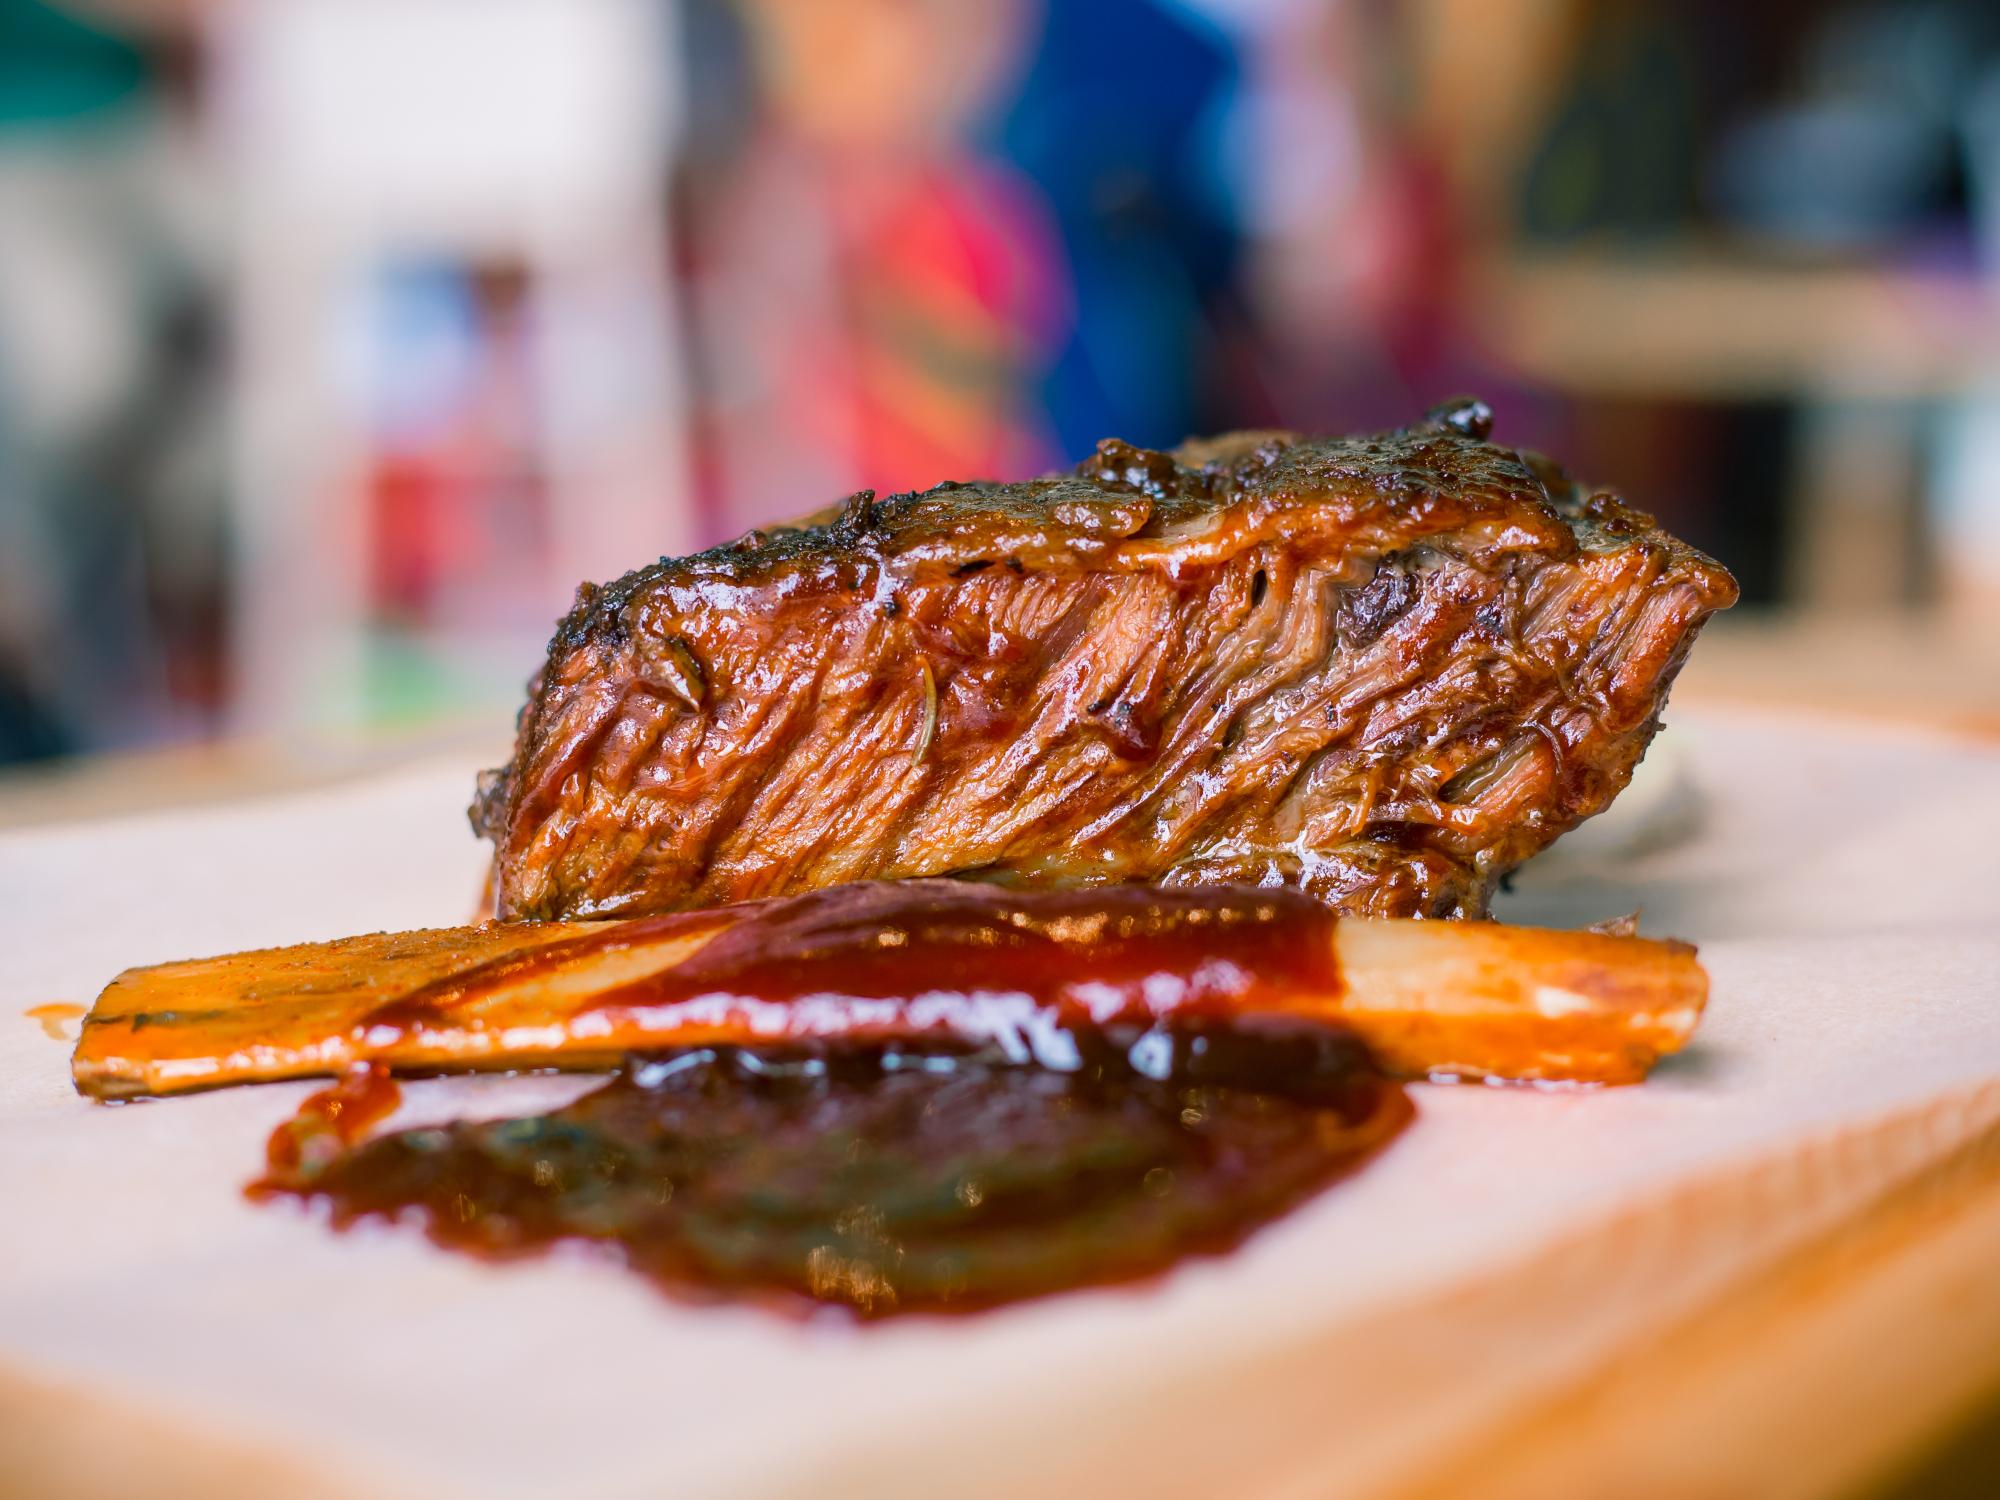 10 - BBQ rib from D'Meat Yard, Saudi Arabia